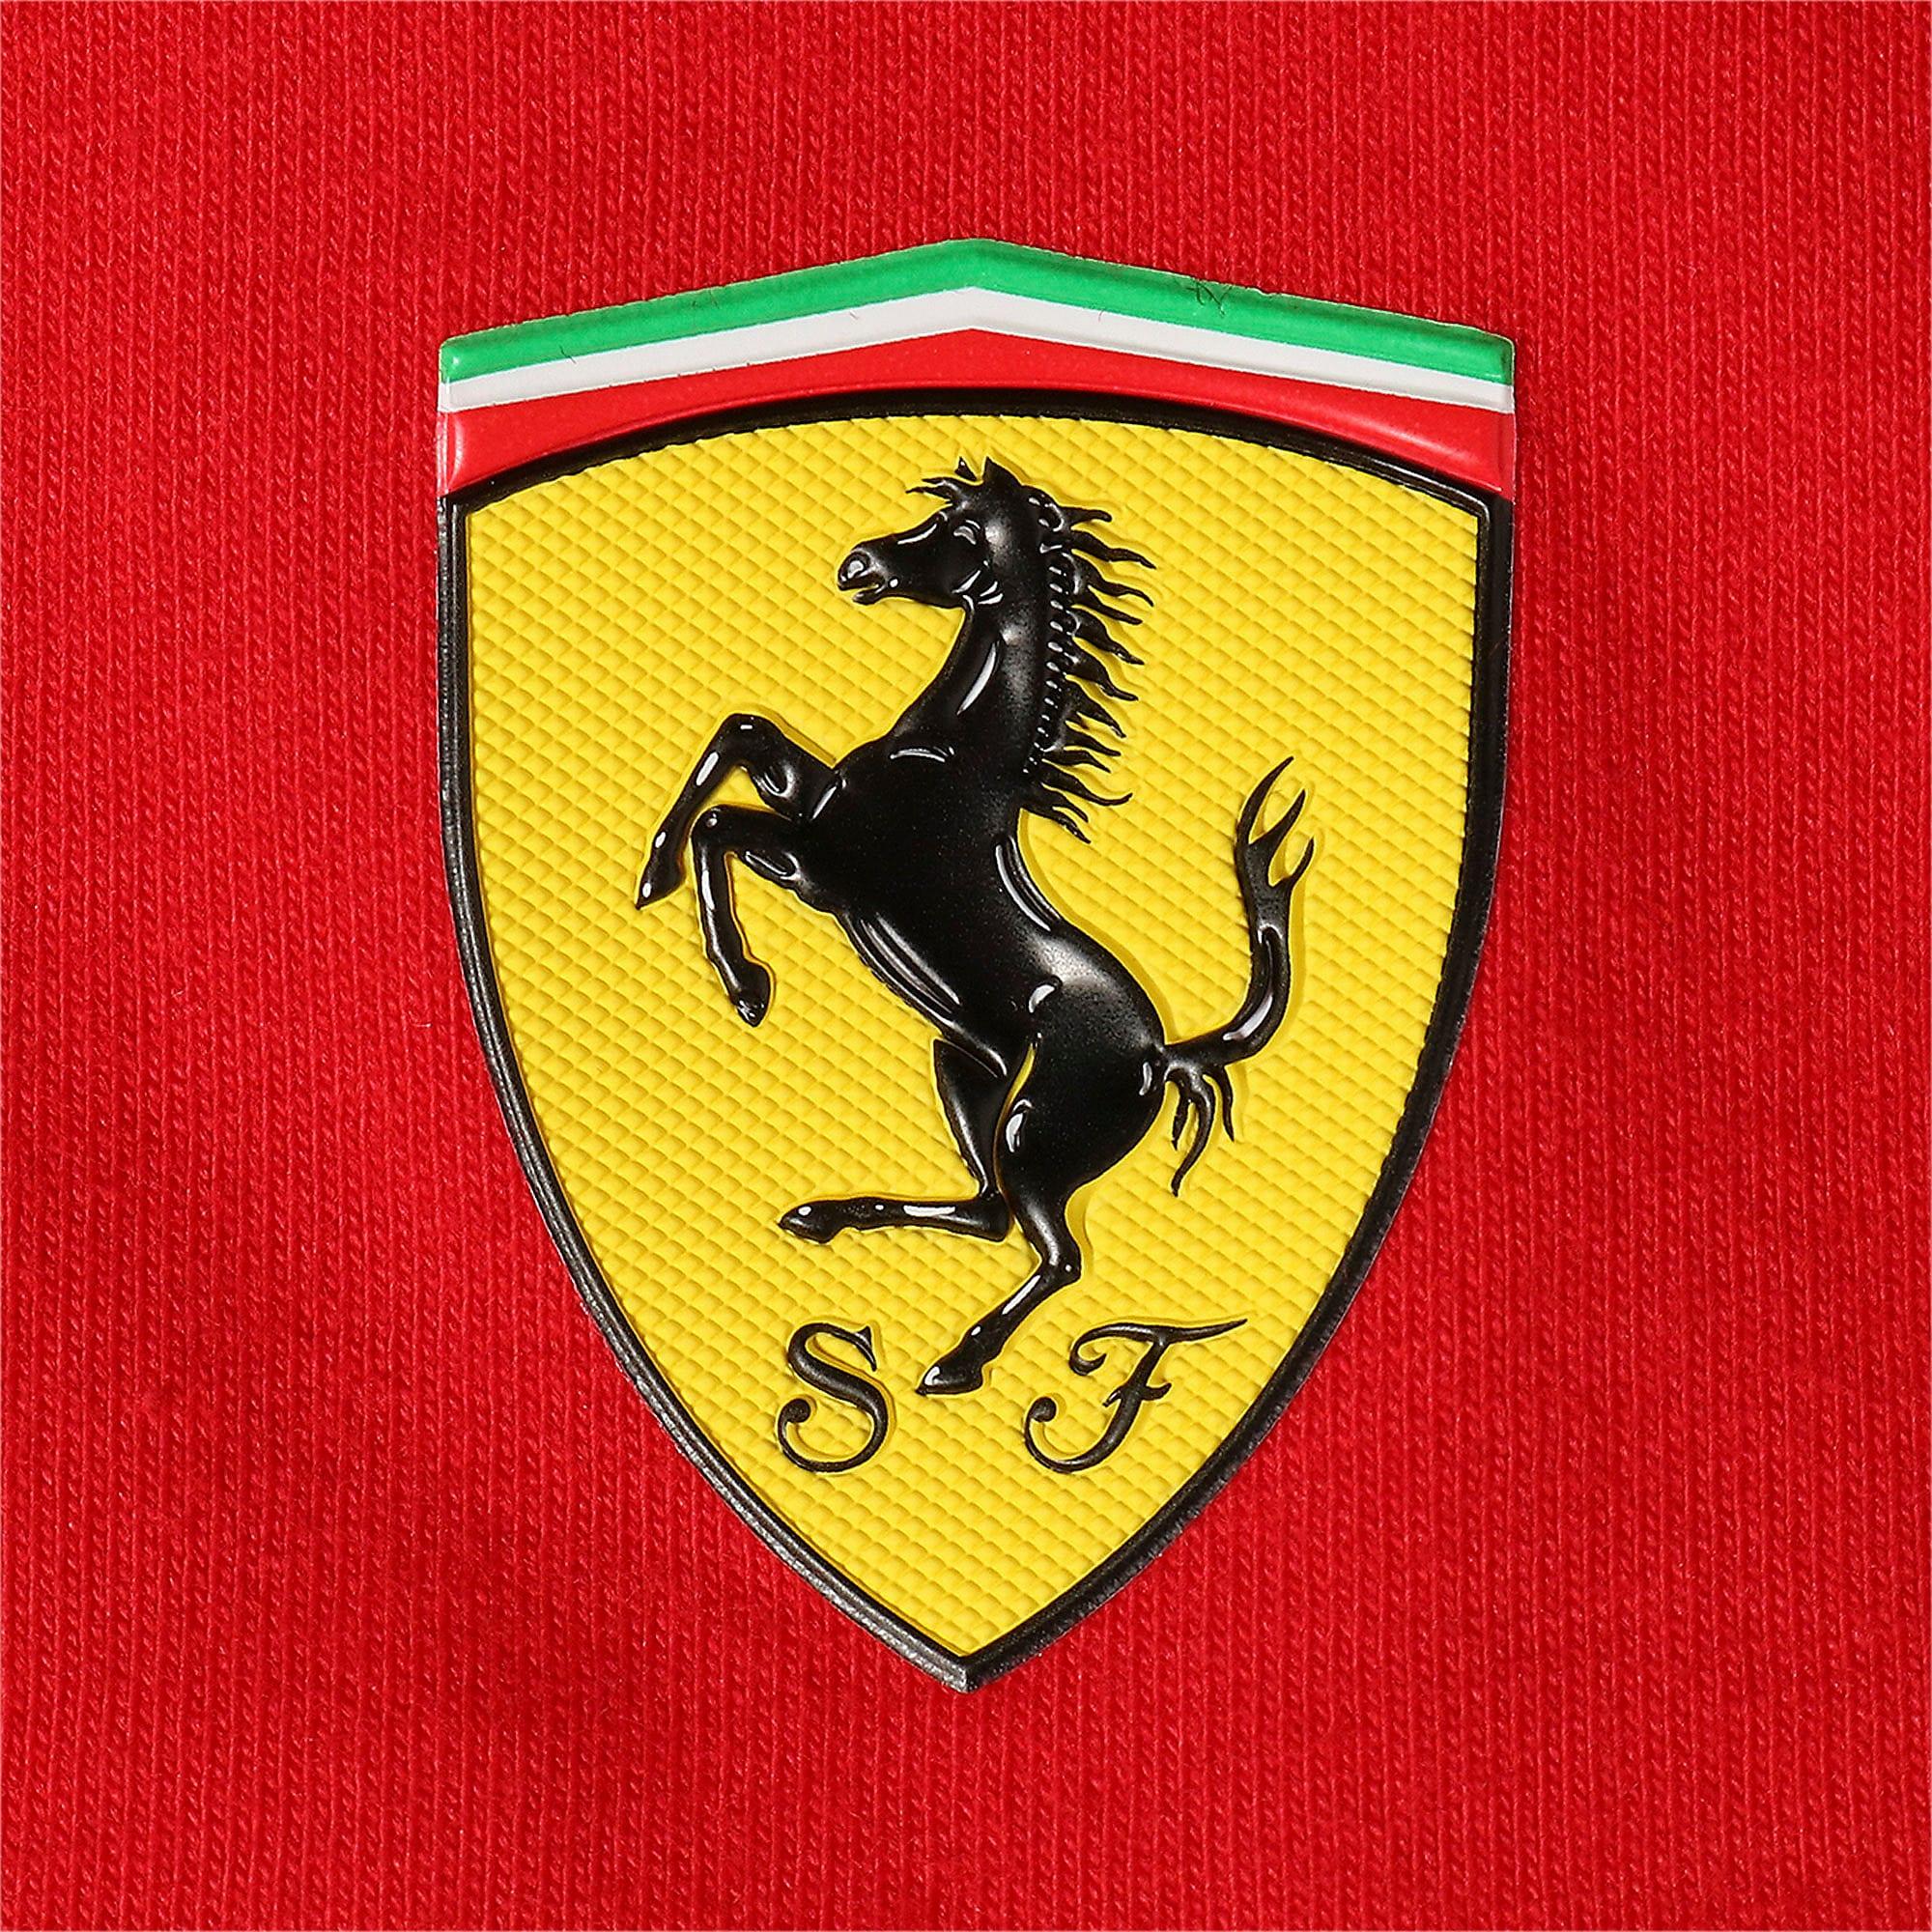 Thumbnail 8 of フェラーリ ビッグシールド Tシャツ + 半袖, Rosso Corsa, medium-JPN